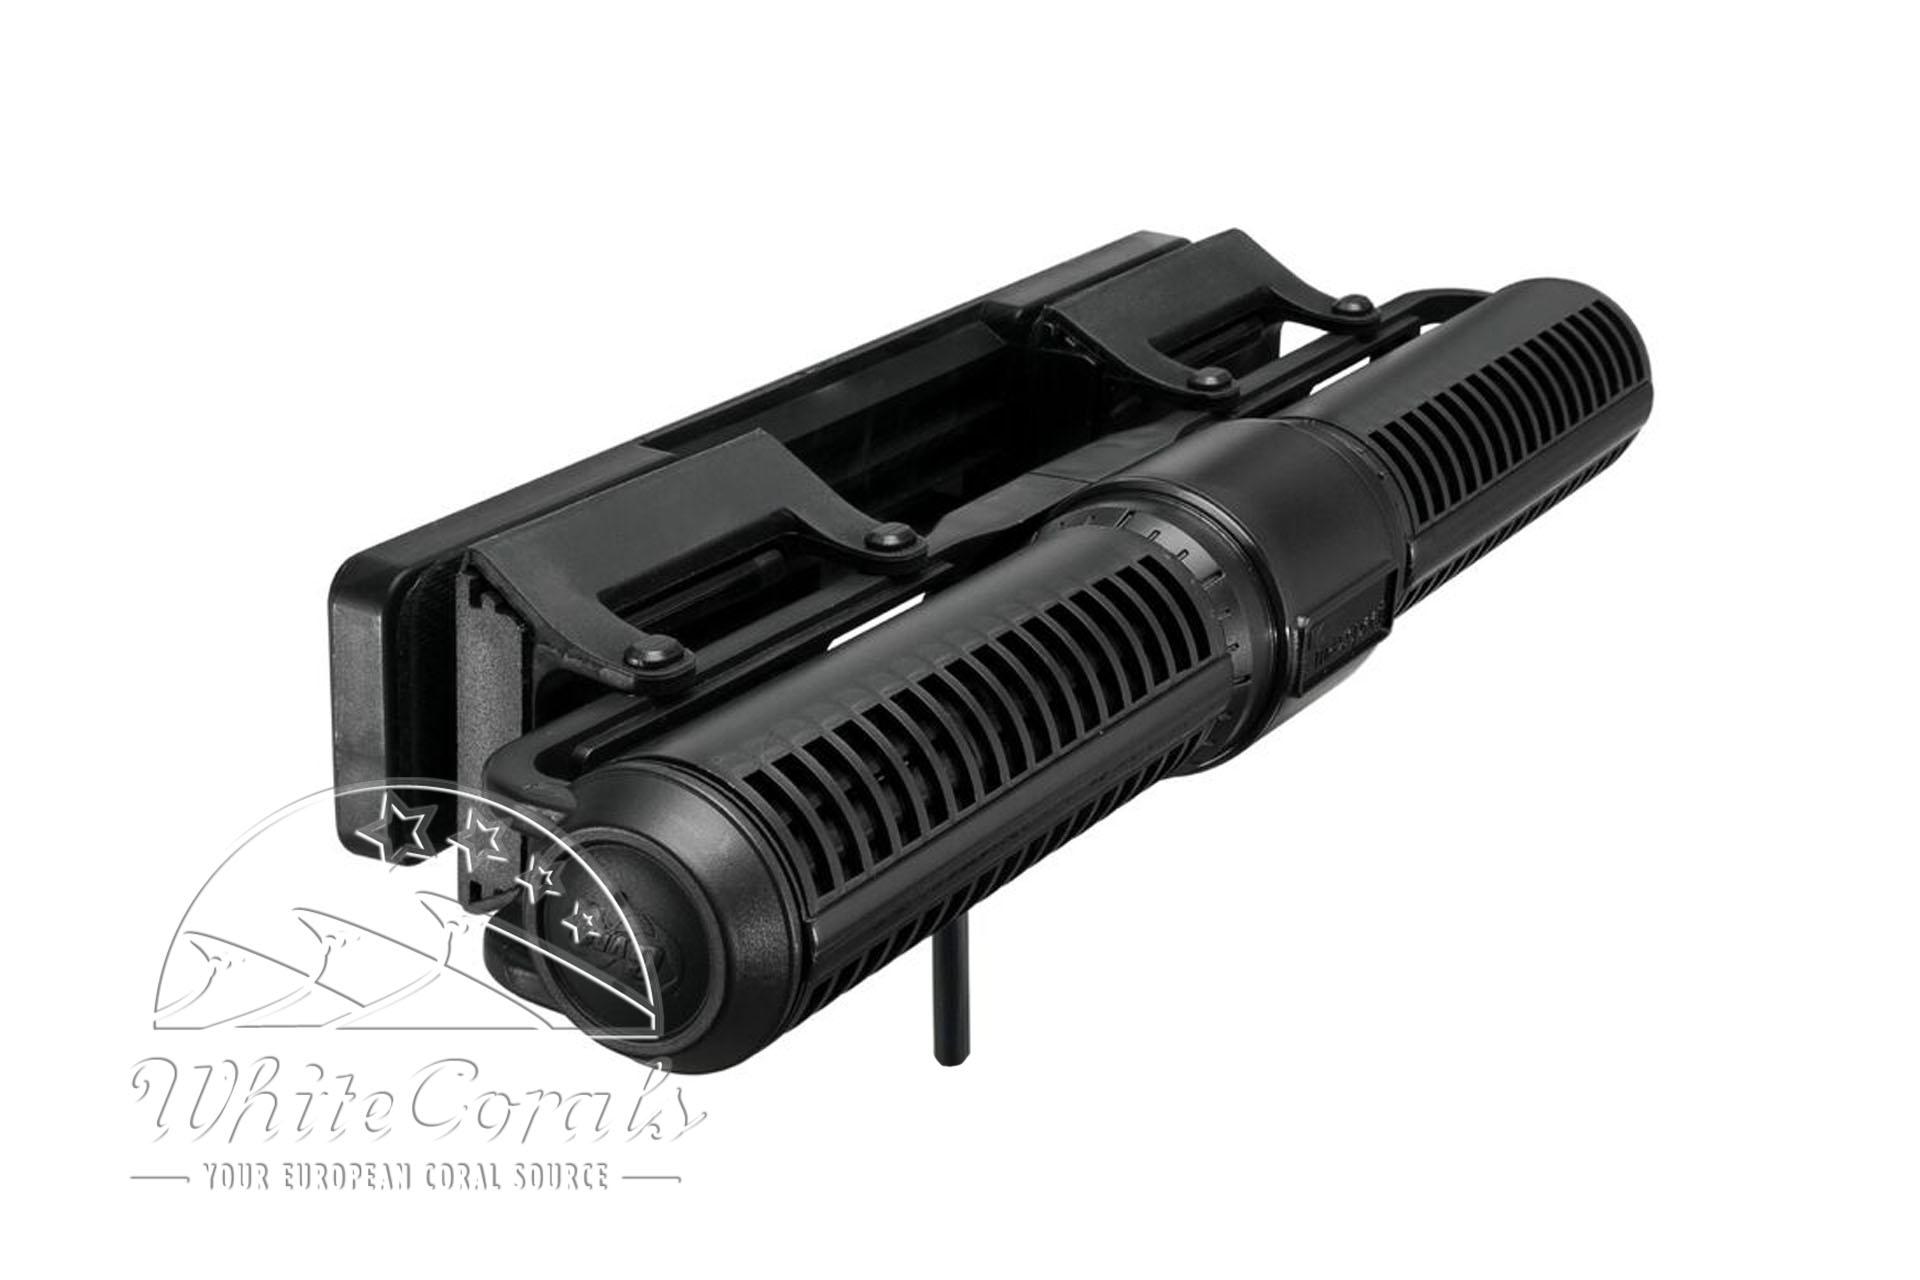 Maxspect Gyre XF-280 80W Pumpe und Netzteil